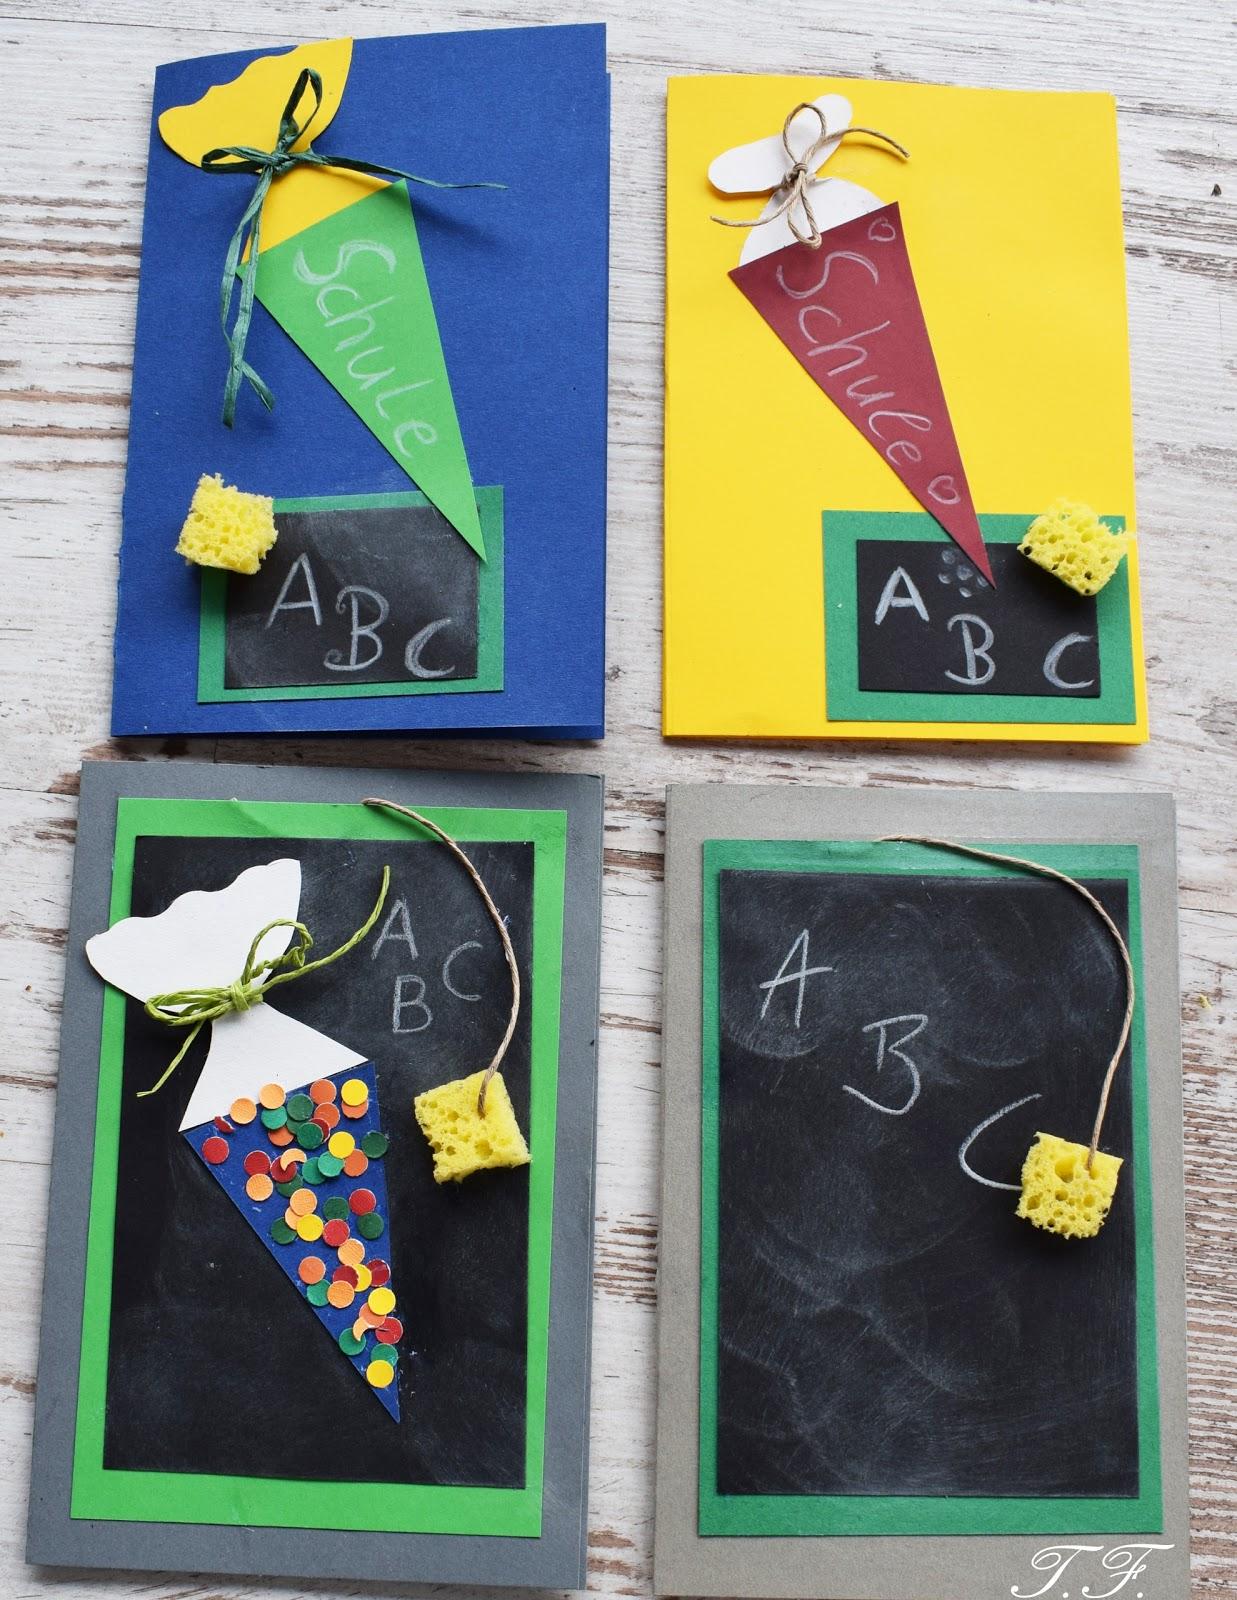 1. Schultag Karte selbst gestalten | Scheunenzauber